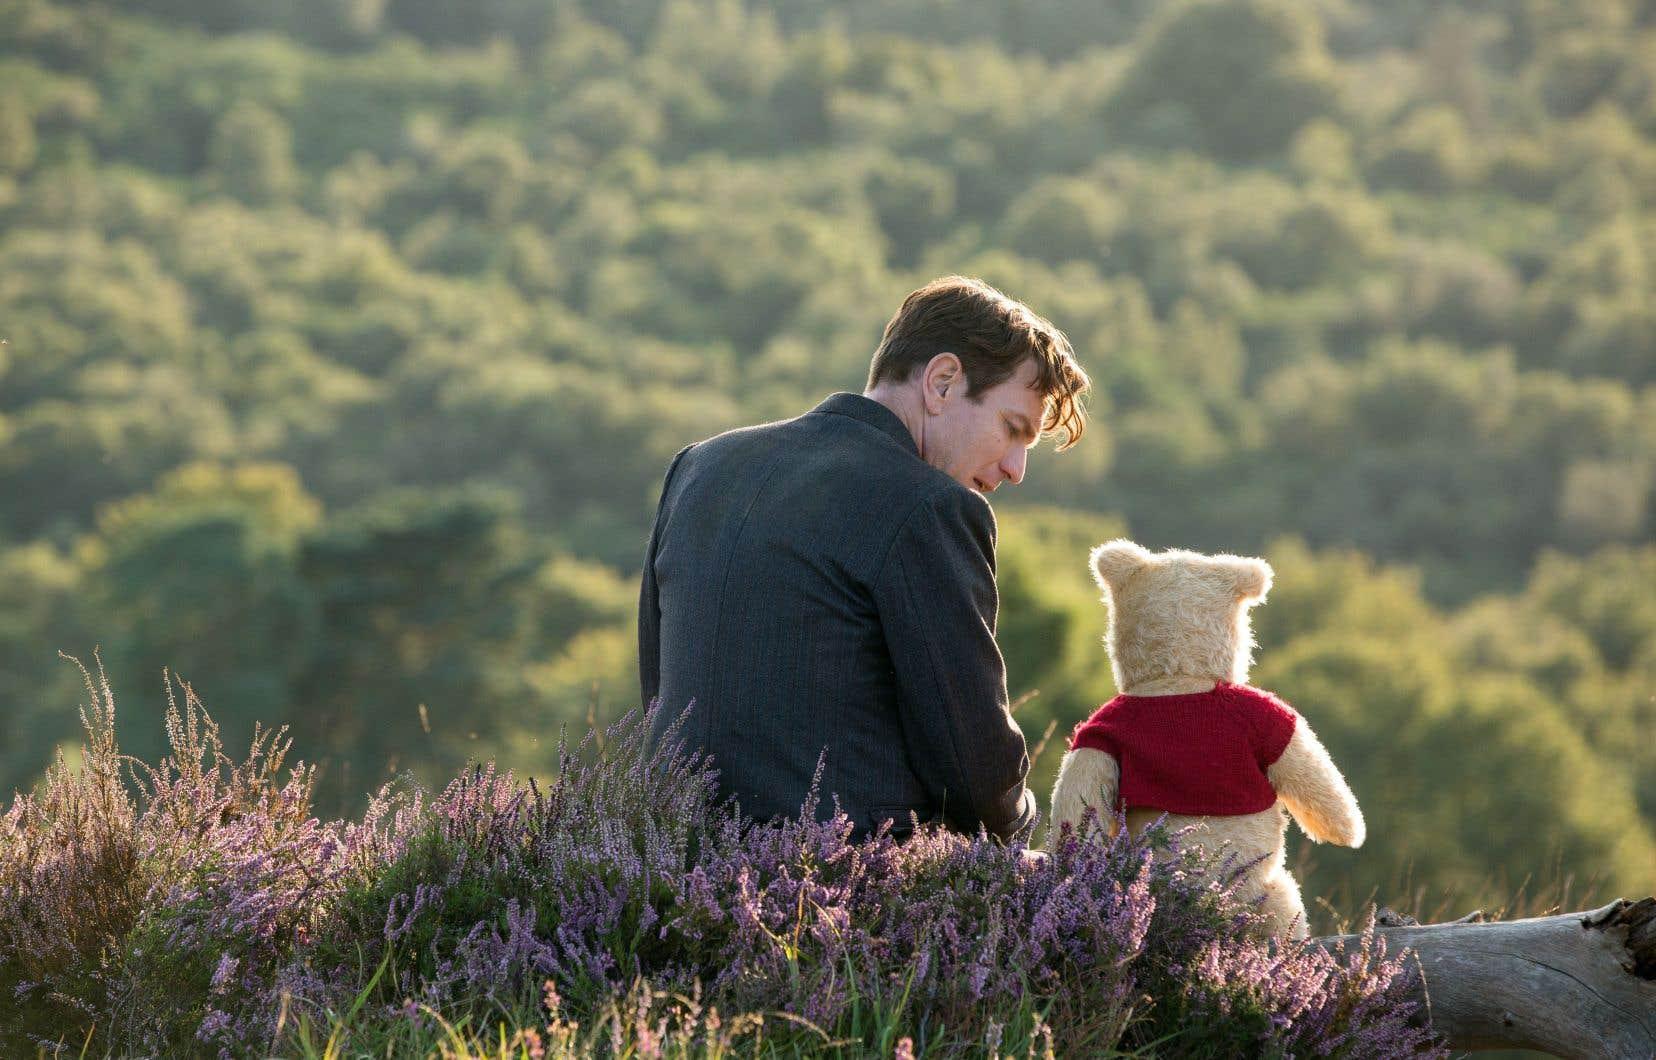 Le film a beau s'intituler «L'histoire de Jean-Christophe», il n'est jamais aussi attendrissant que sous la charmante emprise de Winnie l'ourson.